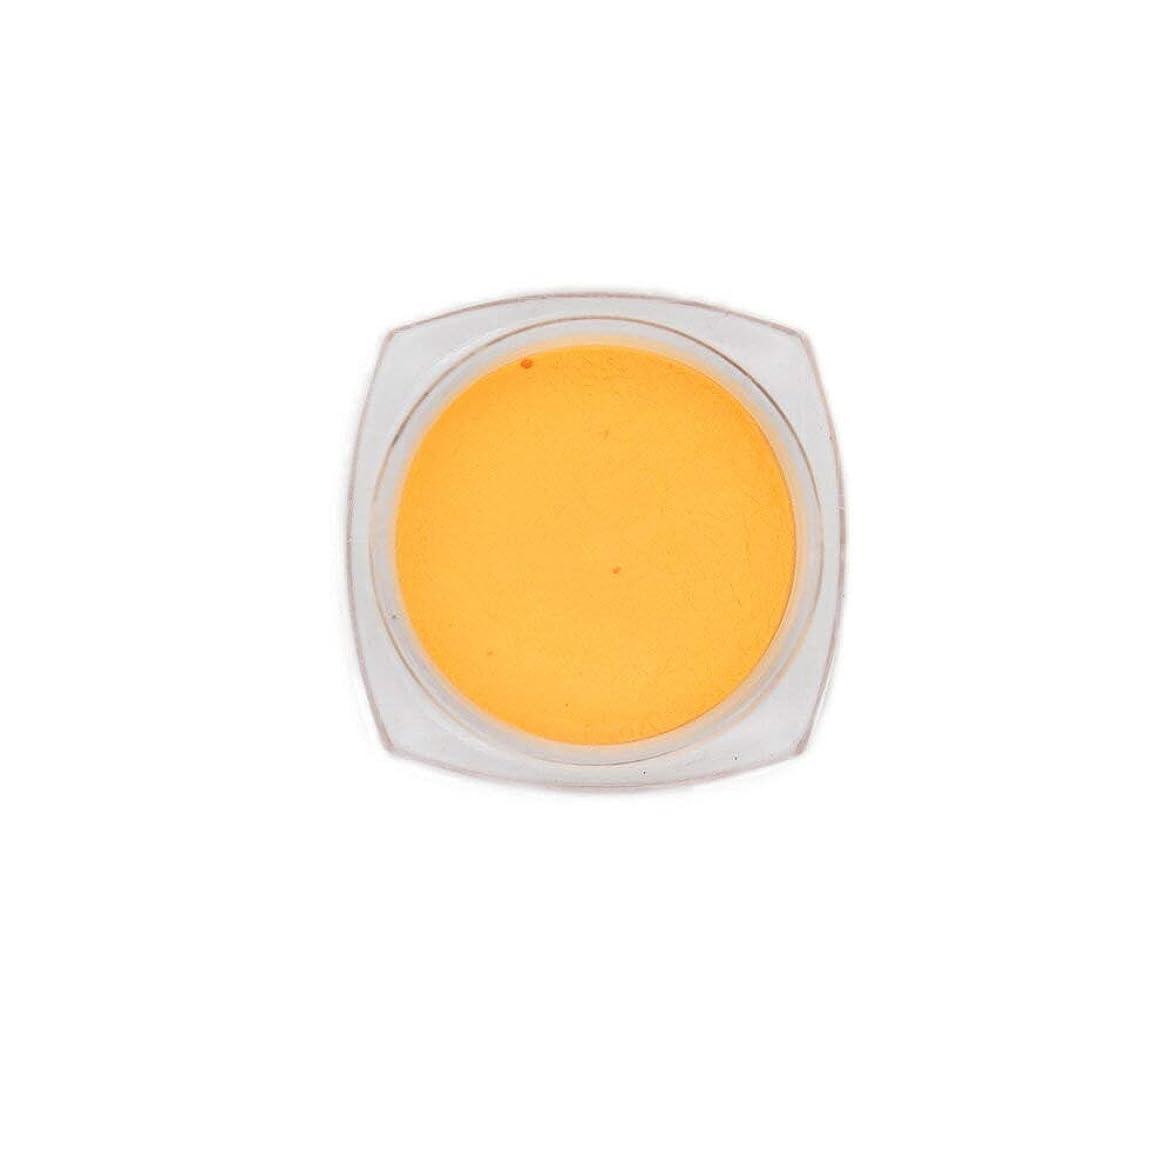 命題つま先論理的にirogel イロジェル ネイルアート 蓄光パウダー【オレンジ/約2.5g入り】